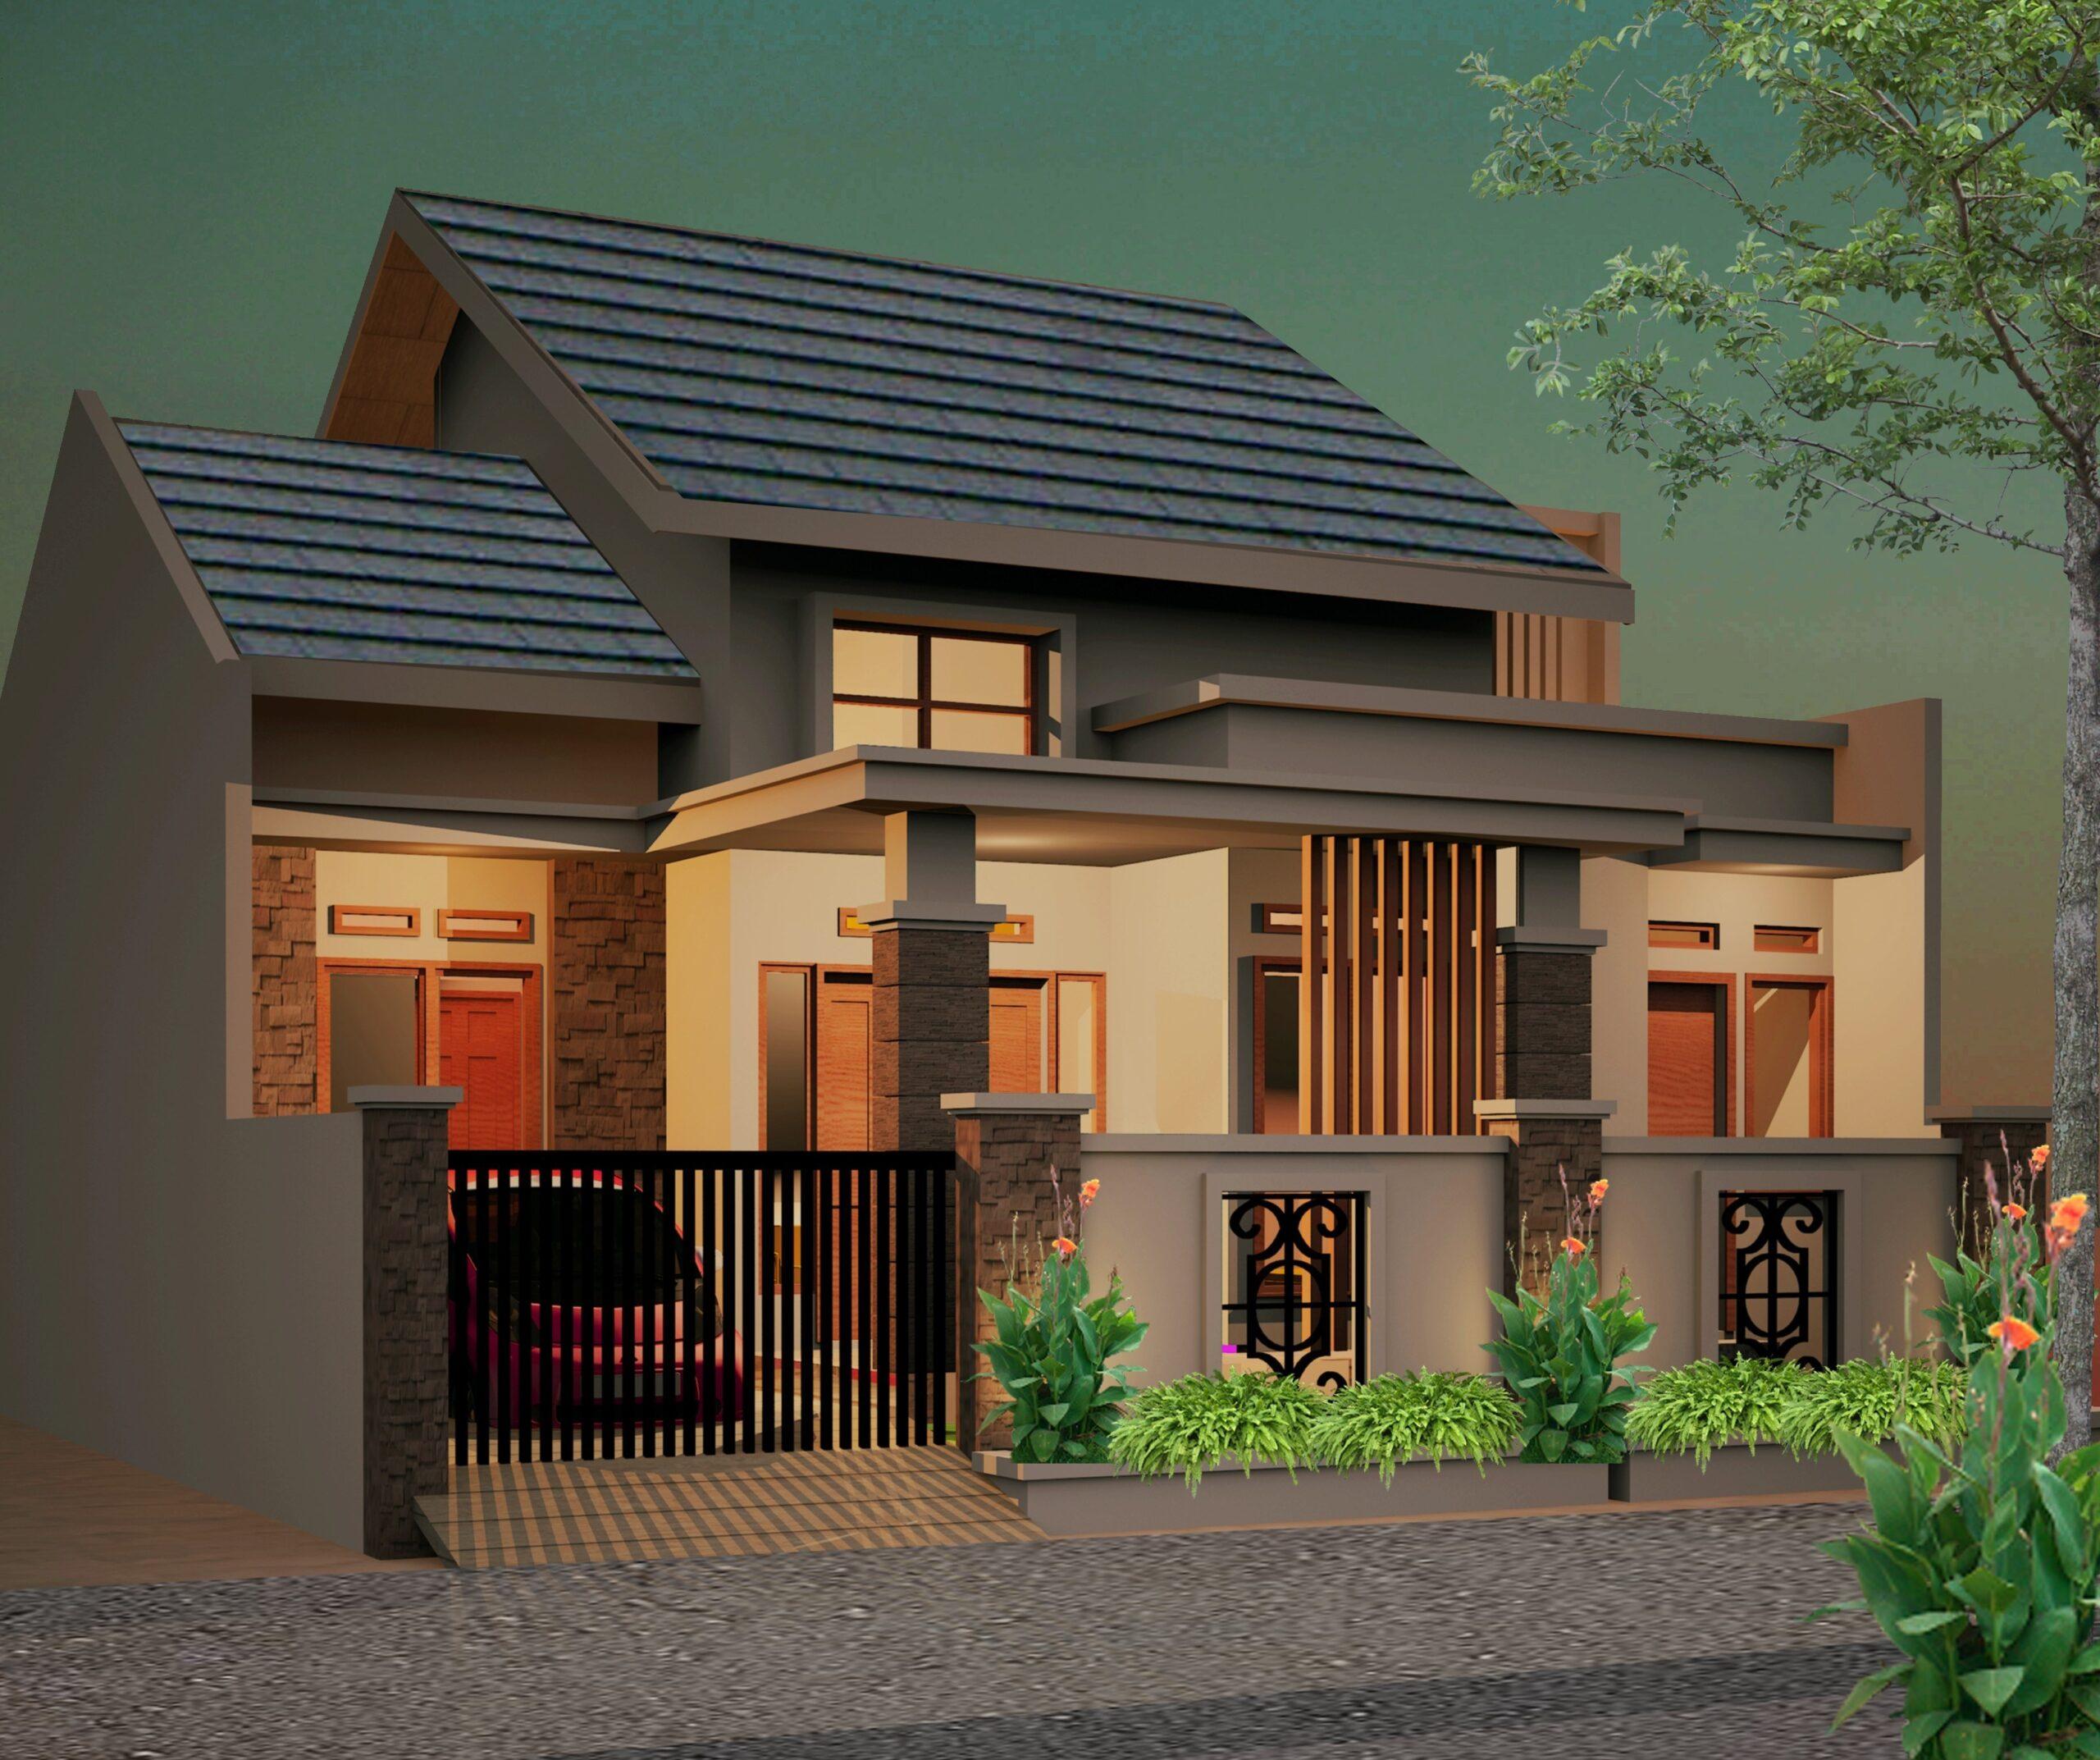 denah rumah minimalis 2 lantai lebar 6 meter desain rumah 10 x 12 jasa desain rumah line dari denah rumah minimalis 2 lantai lebar 6 meter scaled